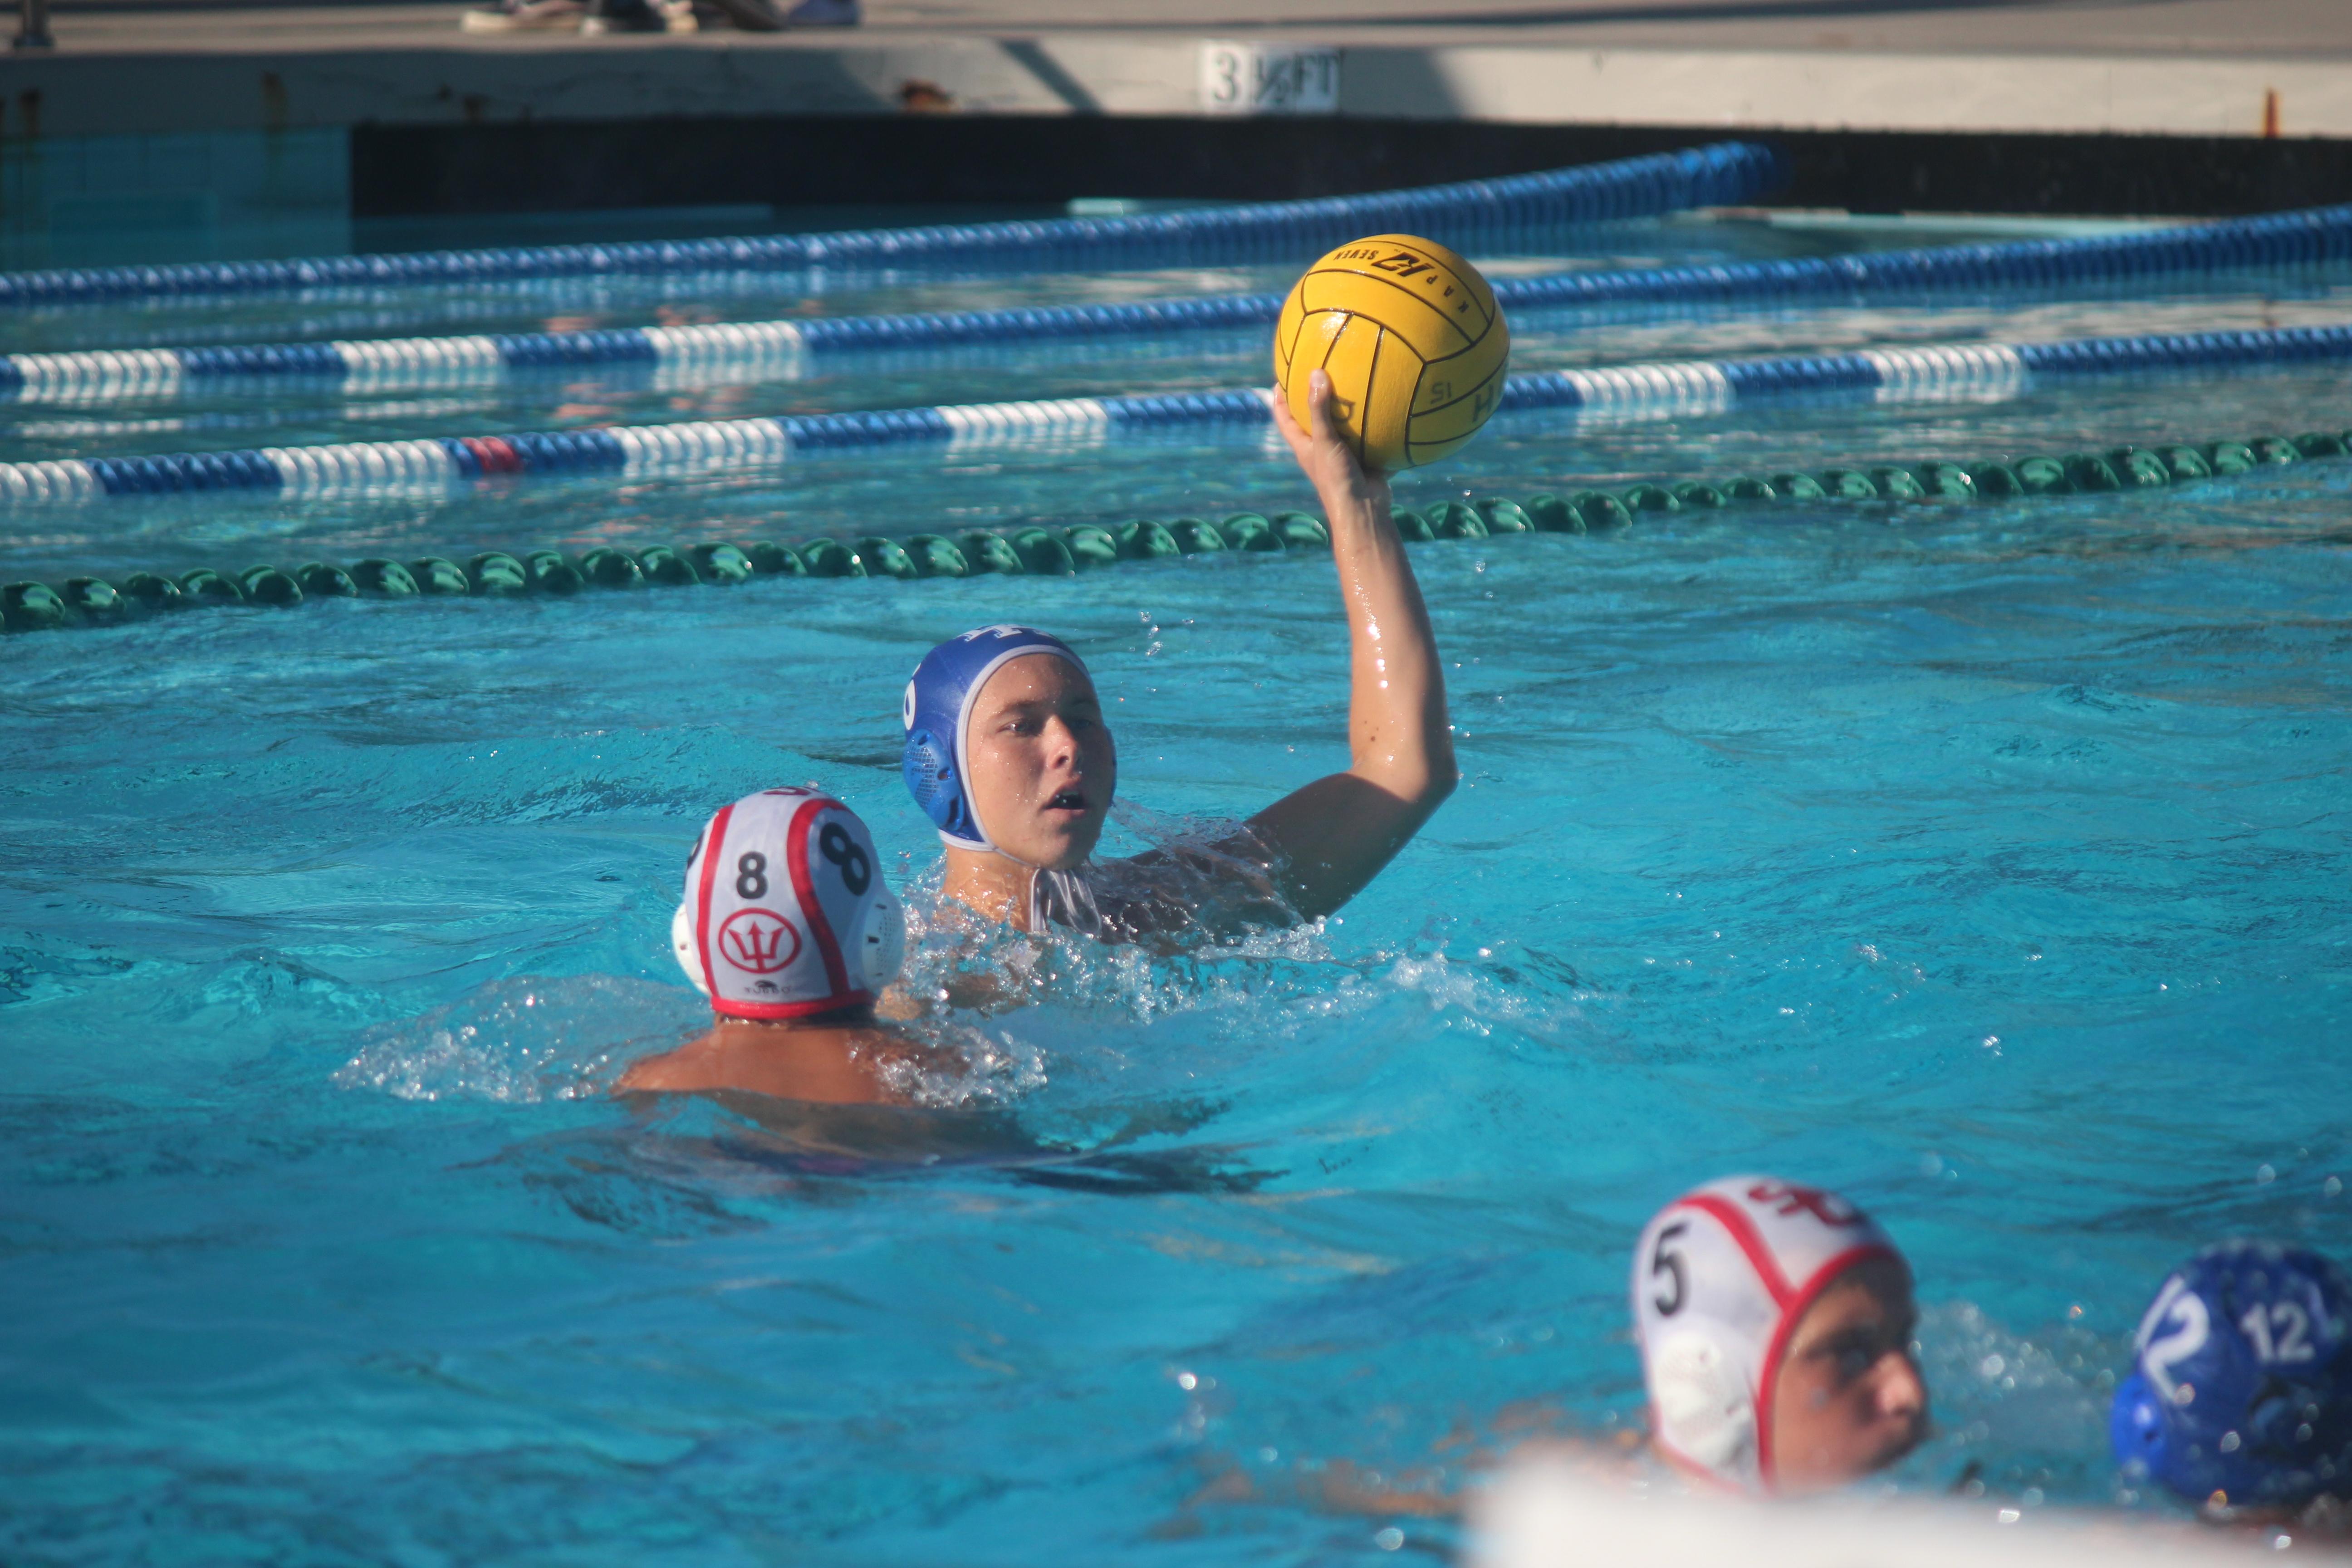 san clemente boys water polo team on oct 13 photo steve breazeale